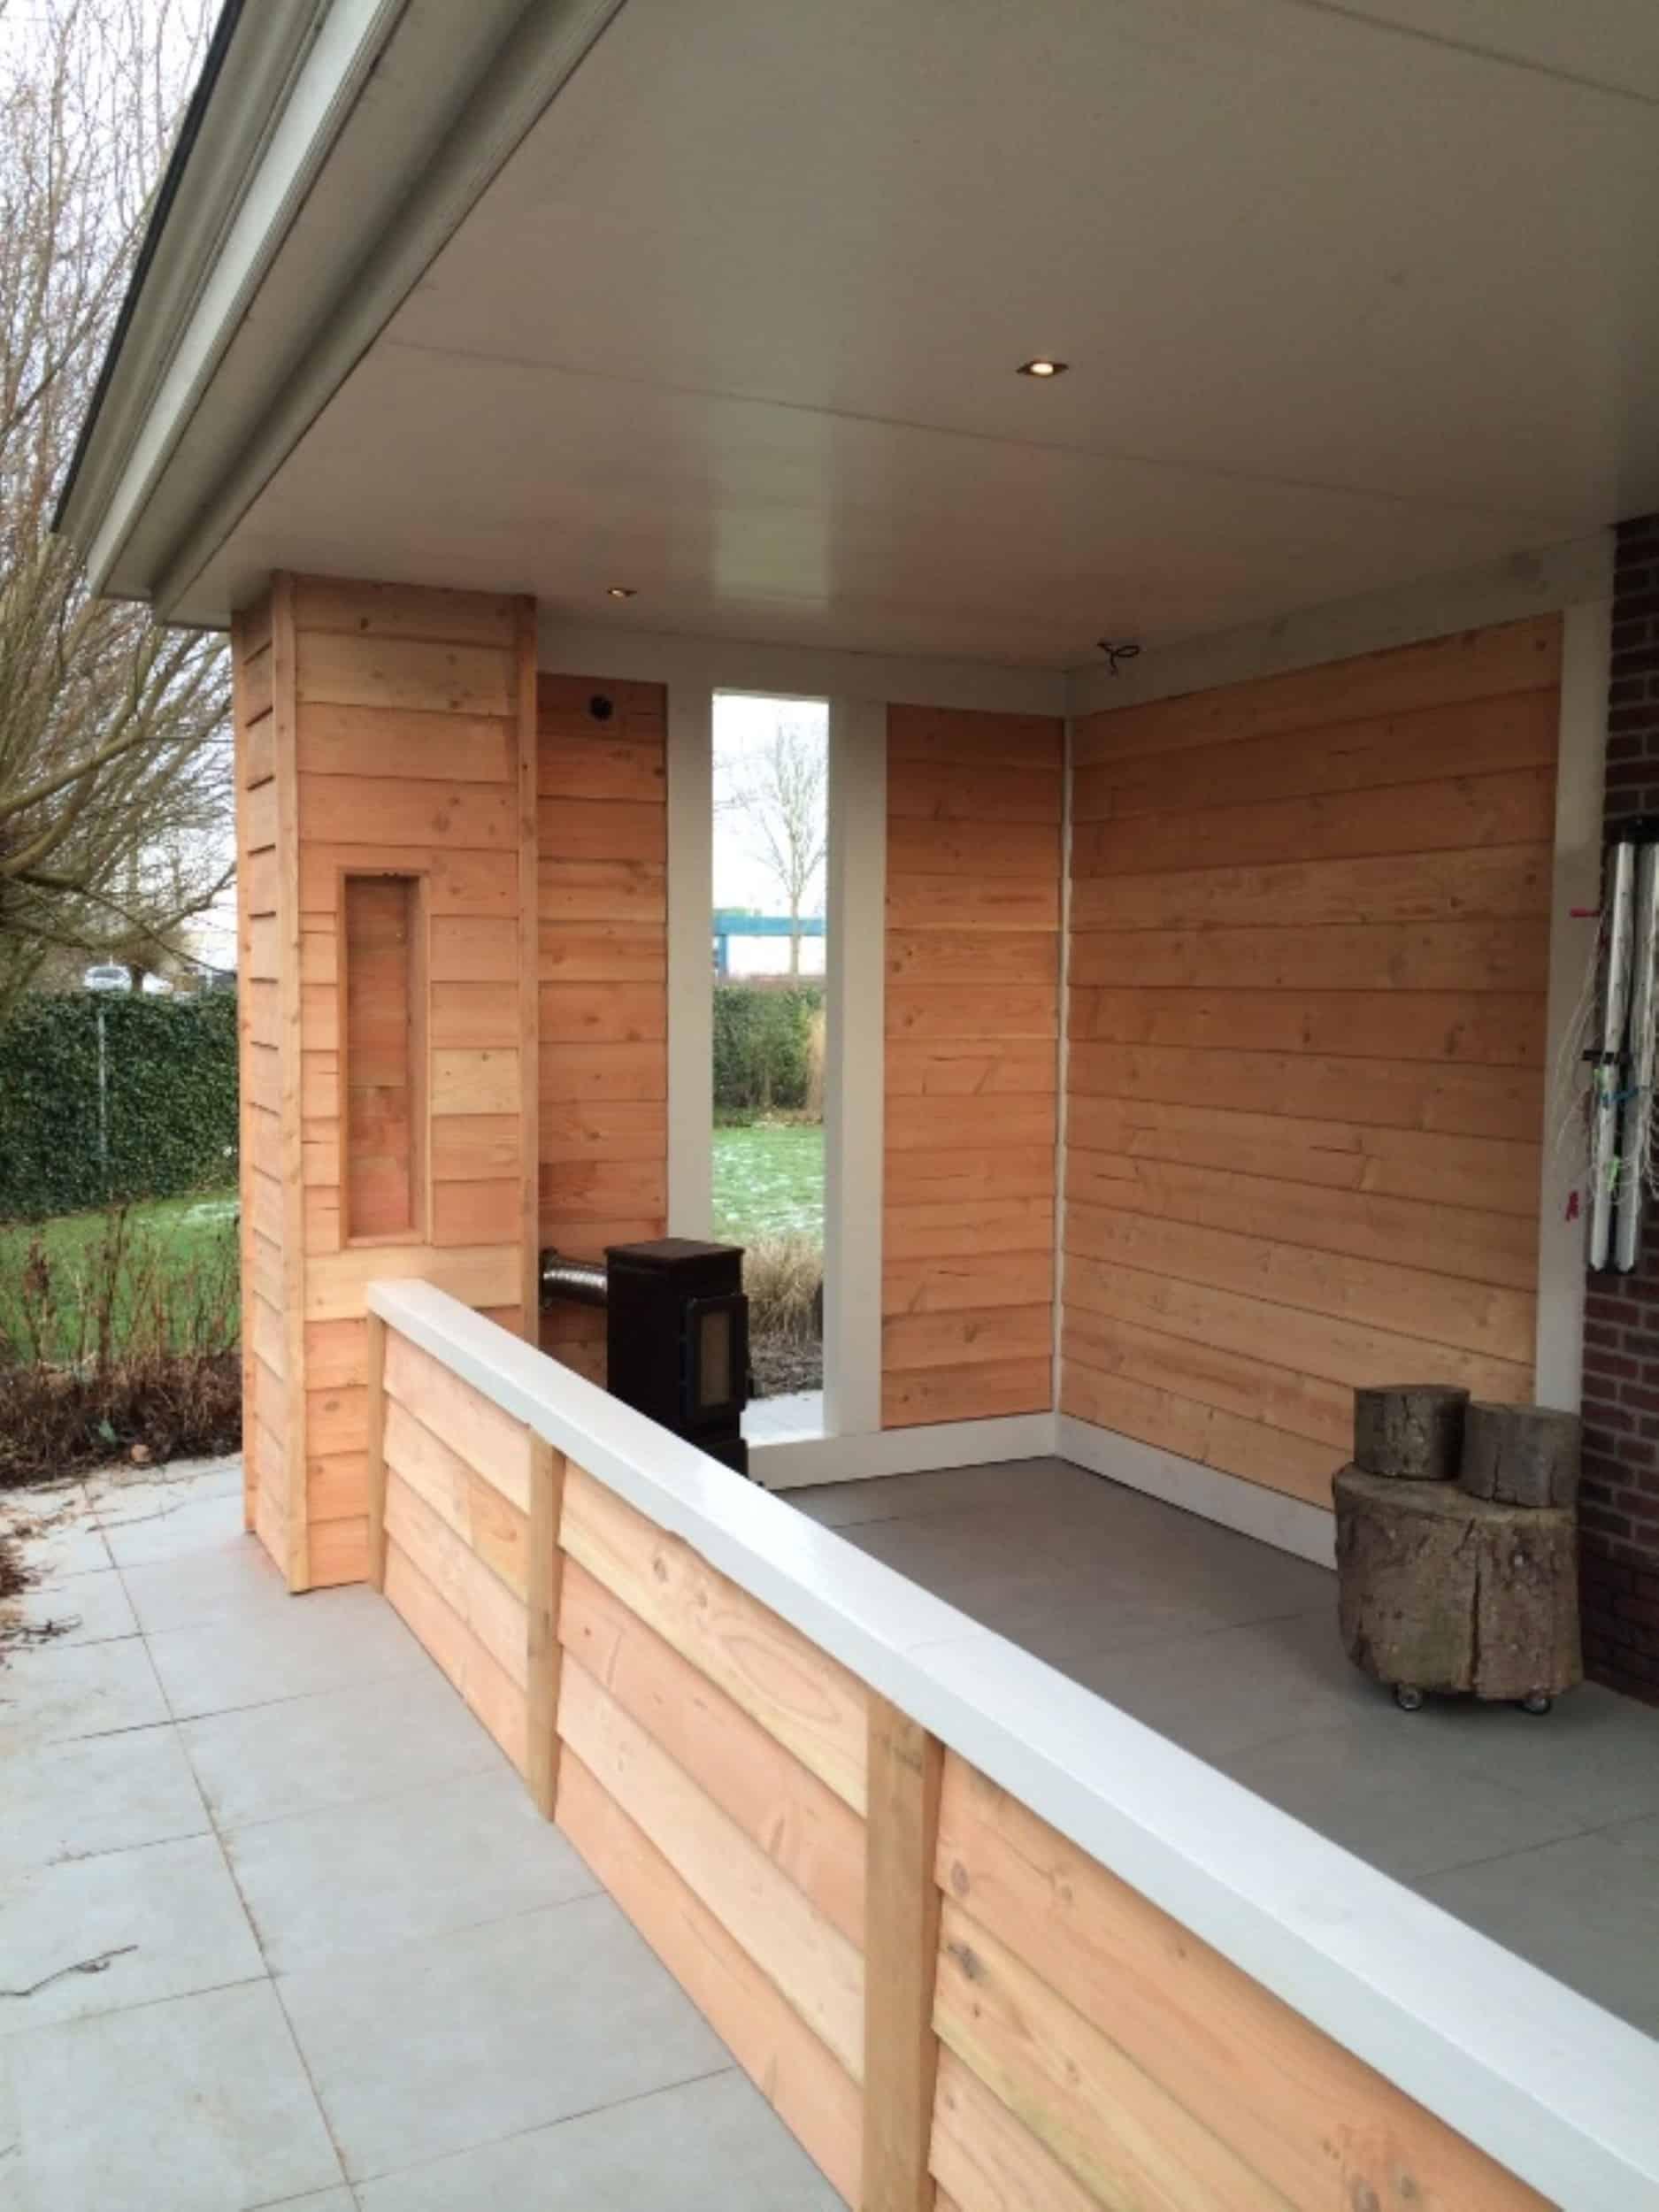 Lariks veranda uw verandaspecialist uw verandaspecialist - Interieur van een veranda ...